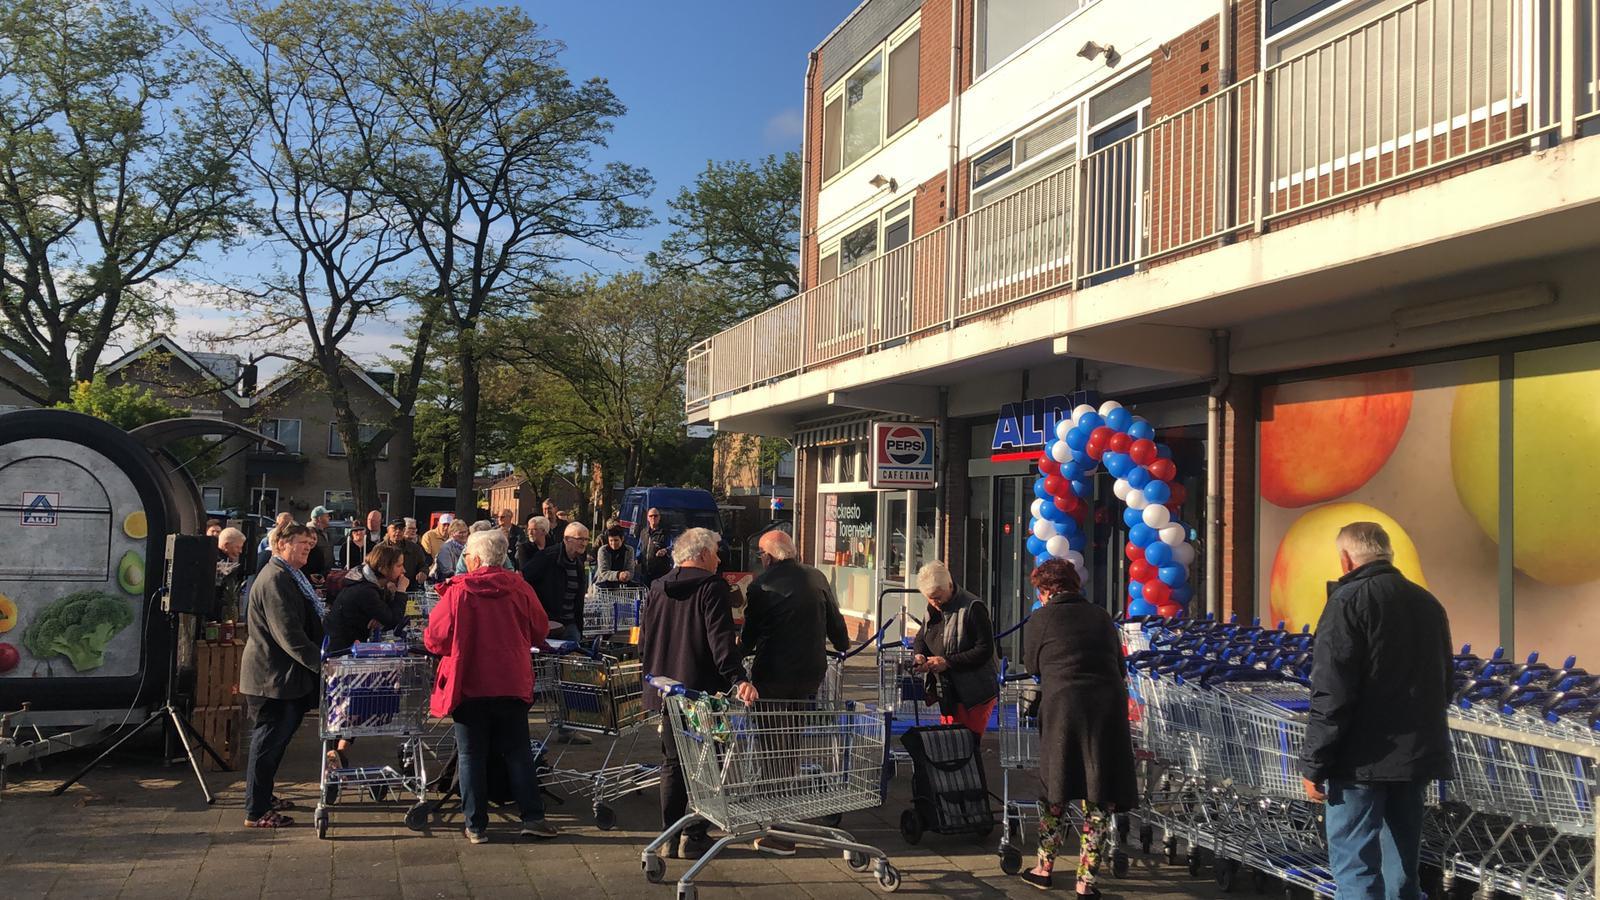 Om 8.00 uur vrijdagochtend, vlak voor de opening, was het druk voor de deur van de Aldi in Zevenbergen.